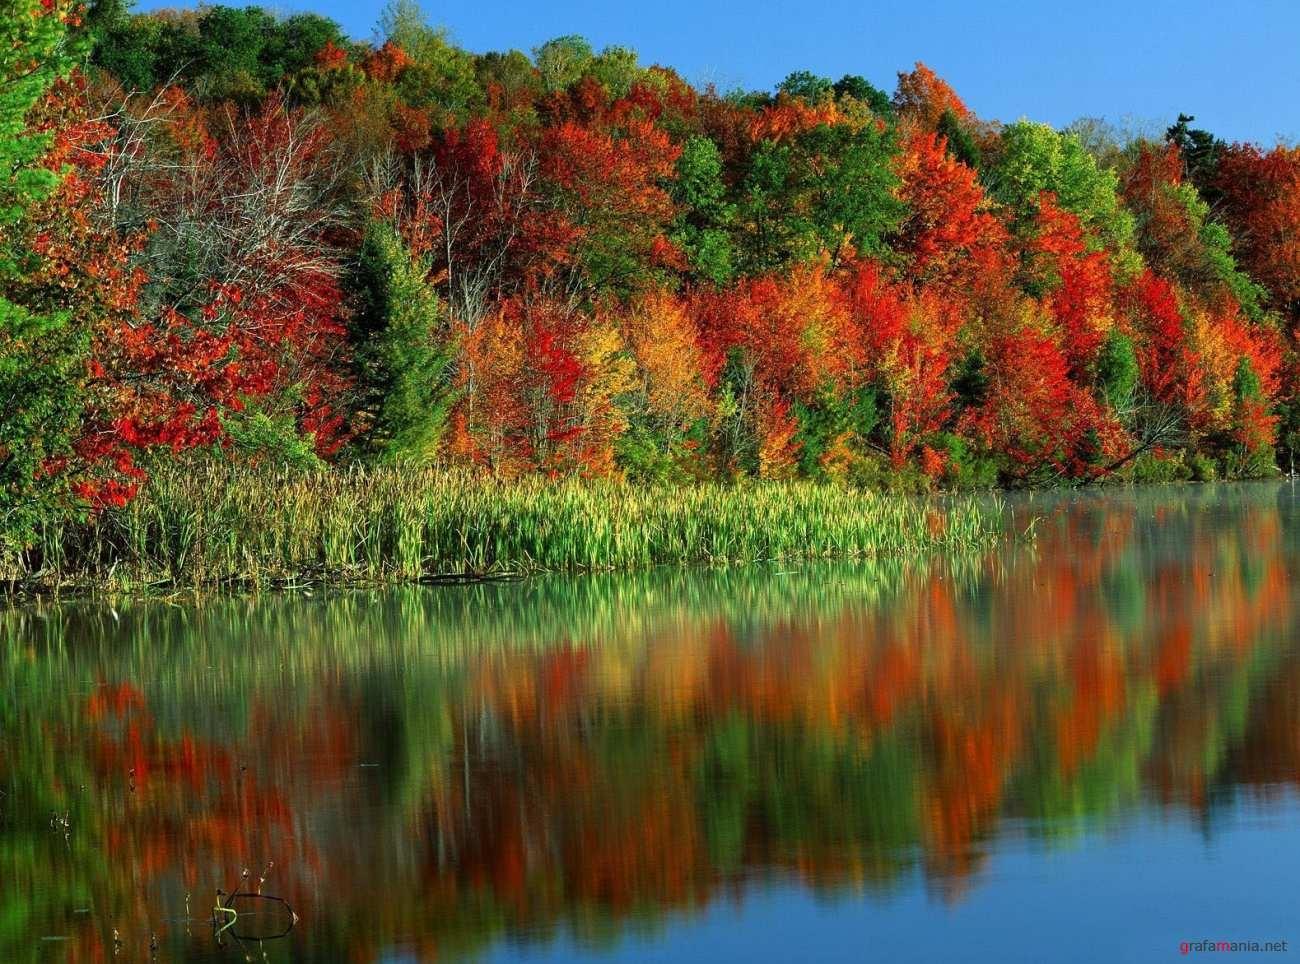 Открытки с красотой осенней природы